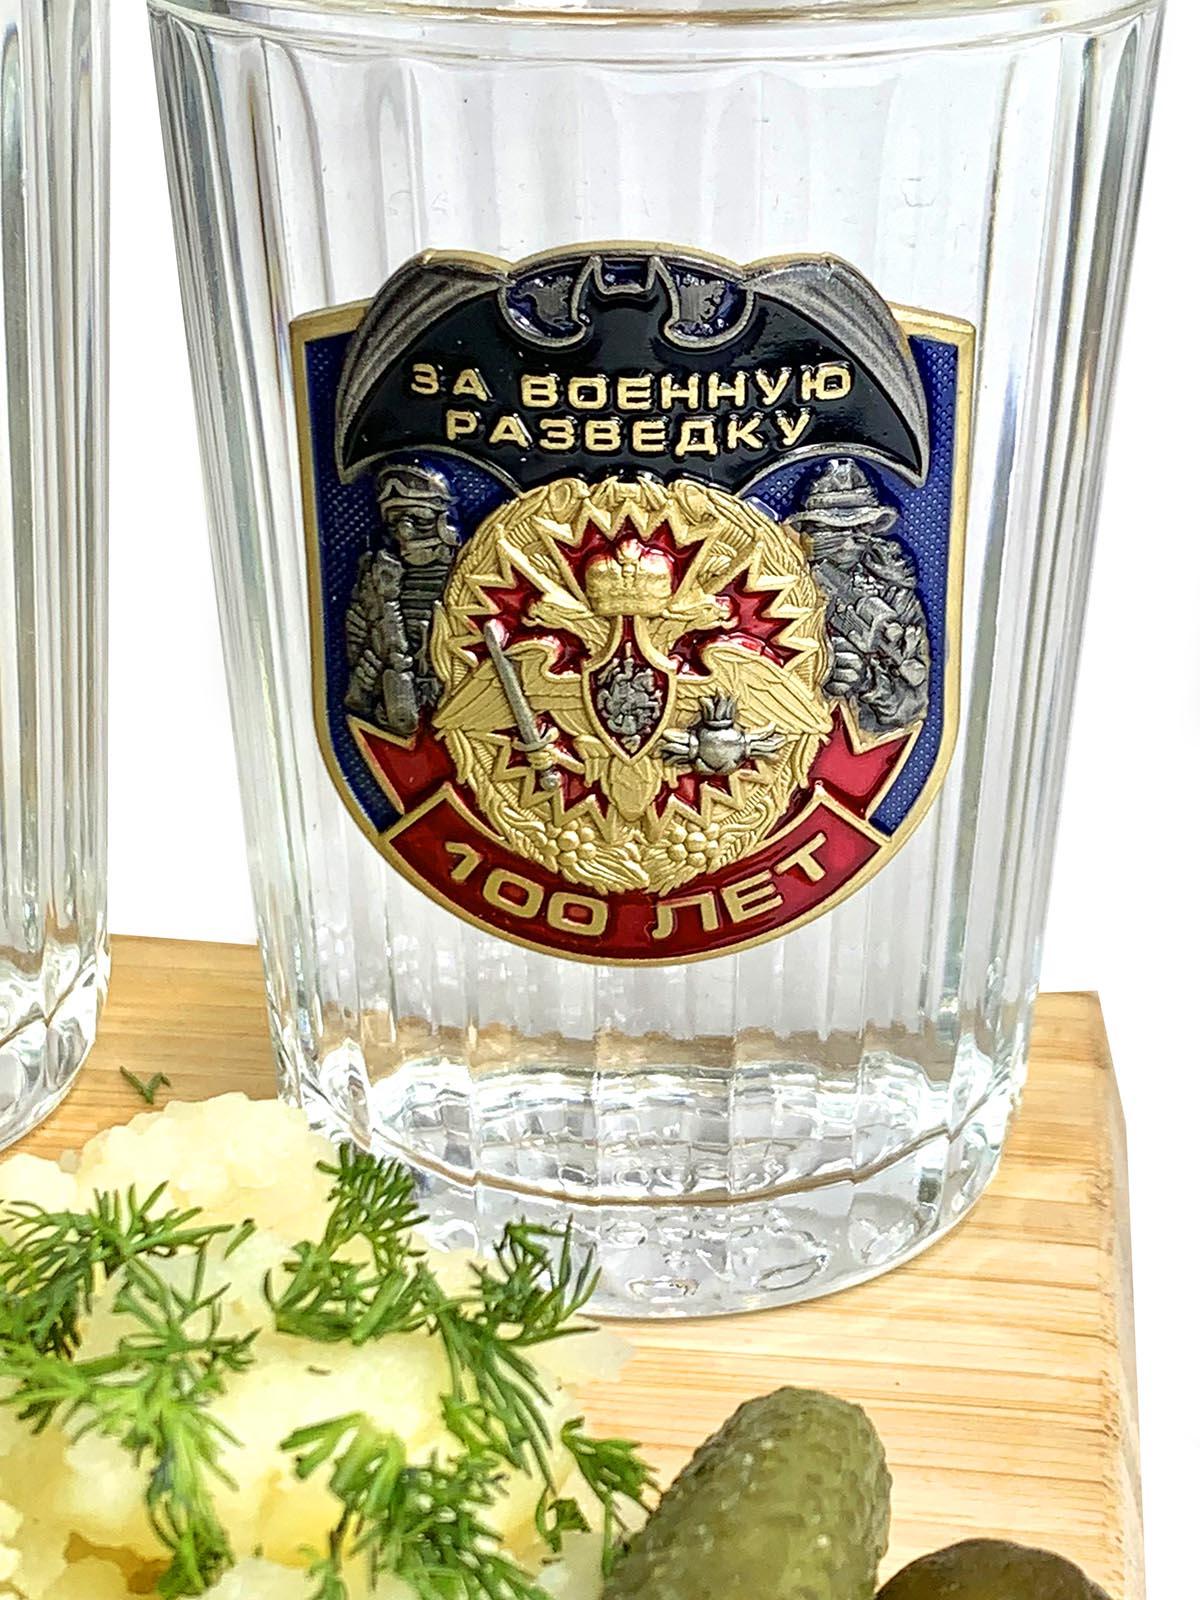 Набор подарочных граненых стаканов Разведка